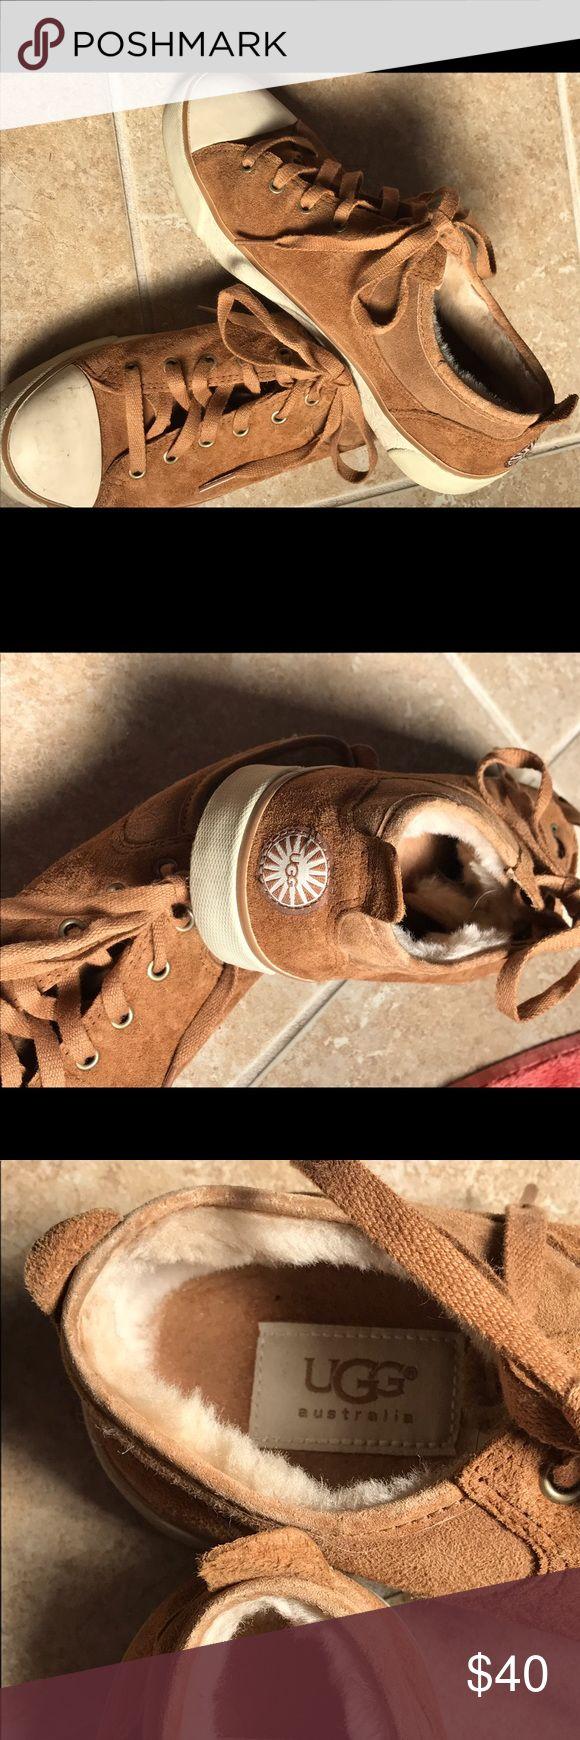 Ugg sneakers Tan suede Ugg sneakers UGG Shoes Sneakers